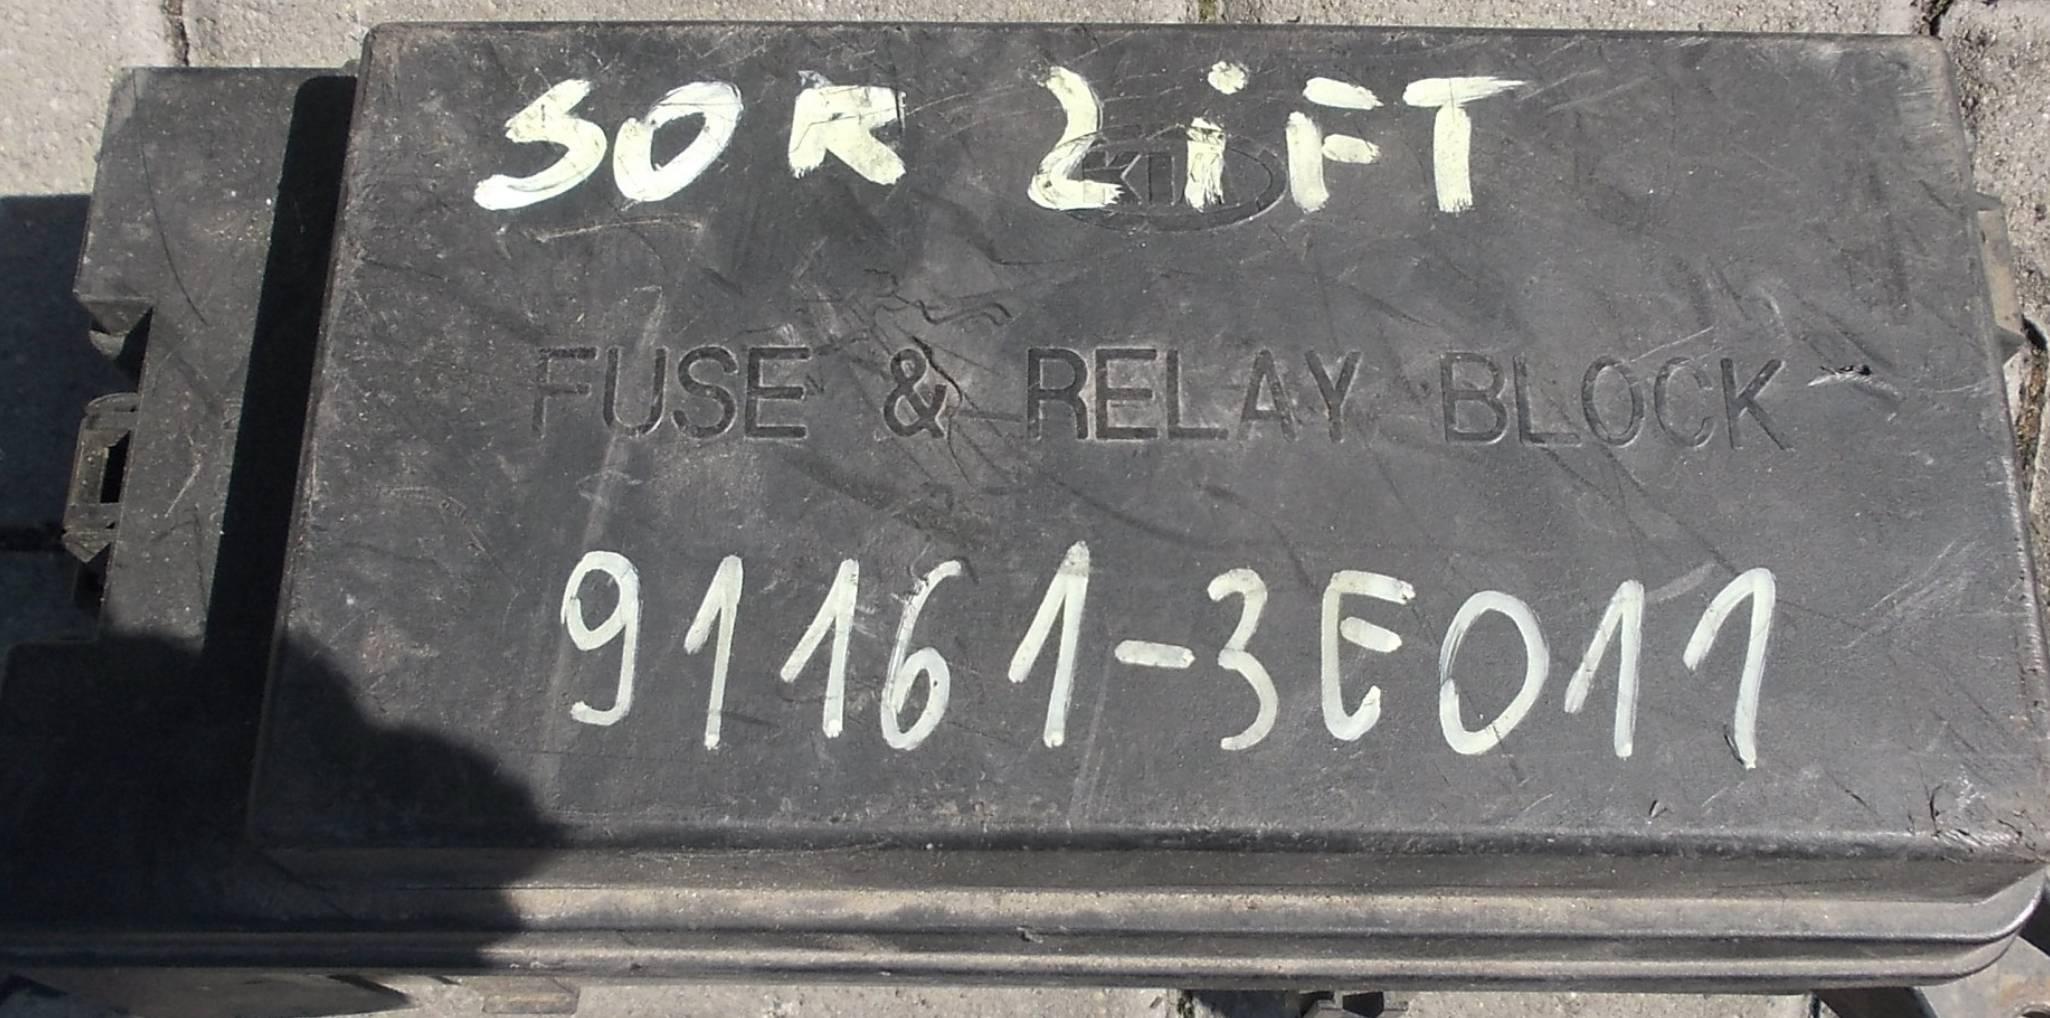 Fusible Modul Unit Box Kia Sorento 91161 3e011 Sale Auto Spare Part Fuse Cover On